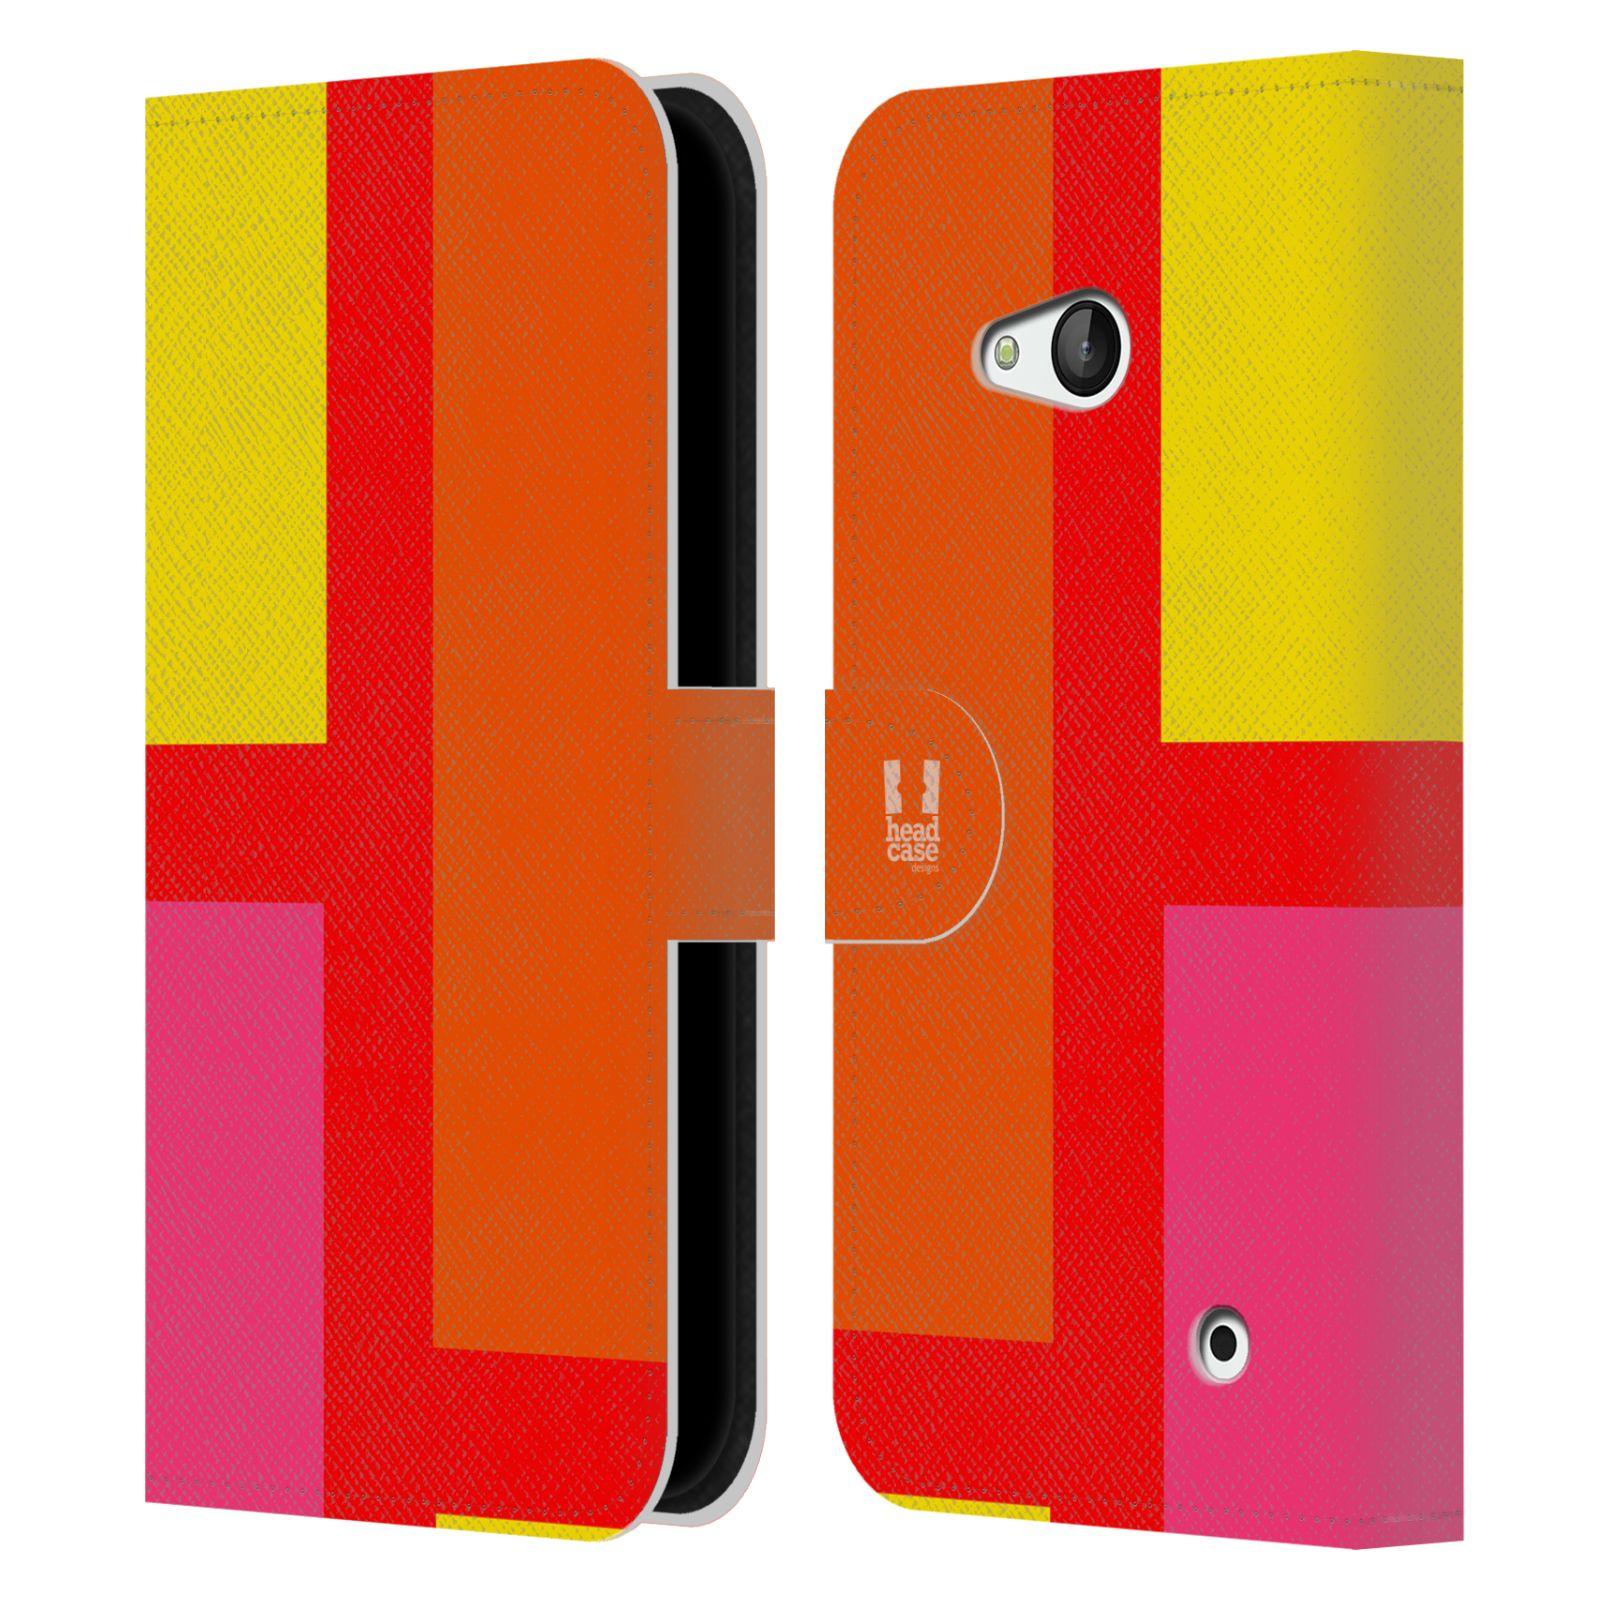 HEAD CASE Flipové pouzdro pro mobil Nokia LUMIA 640 barevné tvary oranžová ulice